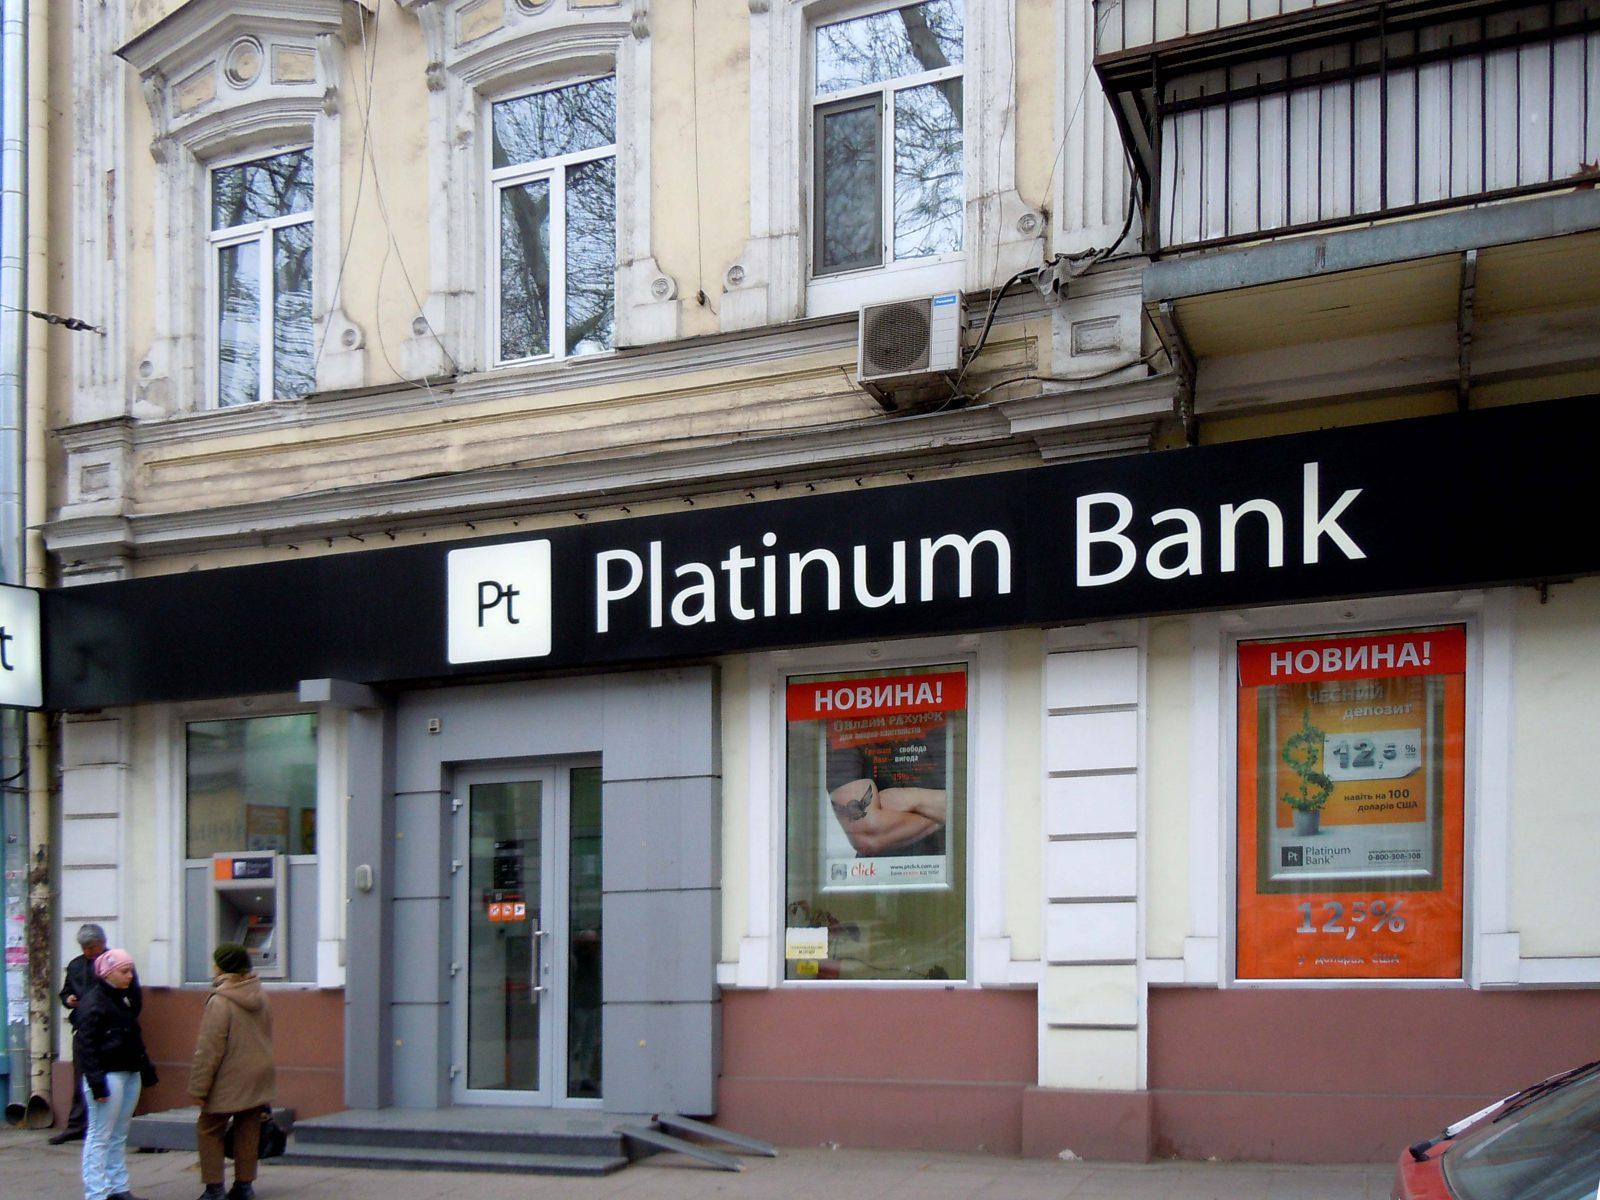 Платинум банк предупредил клиентов о мошенничестве с реквизитами